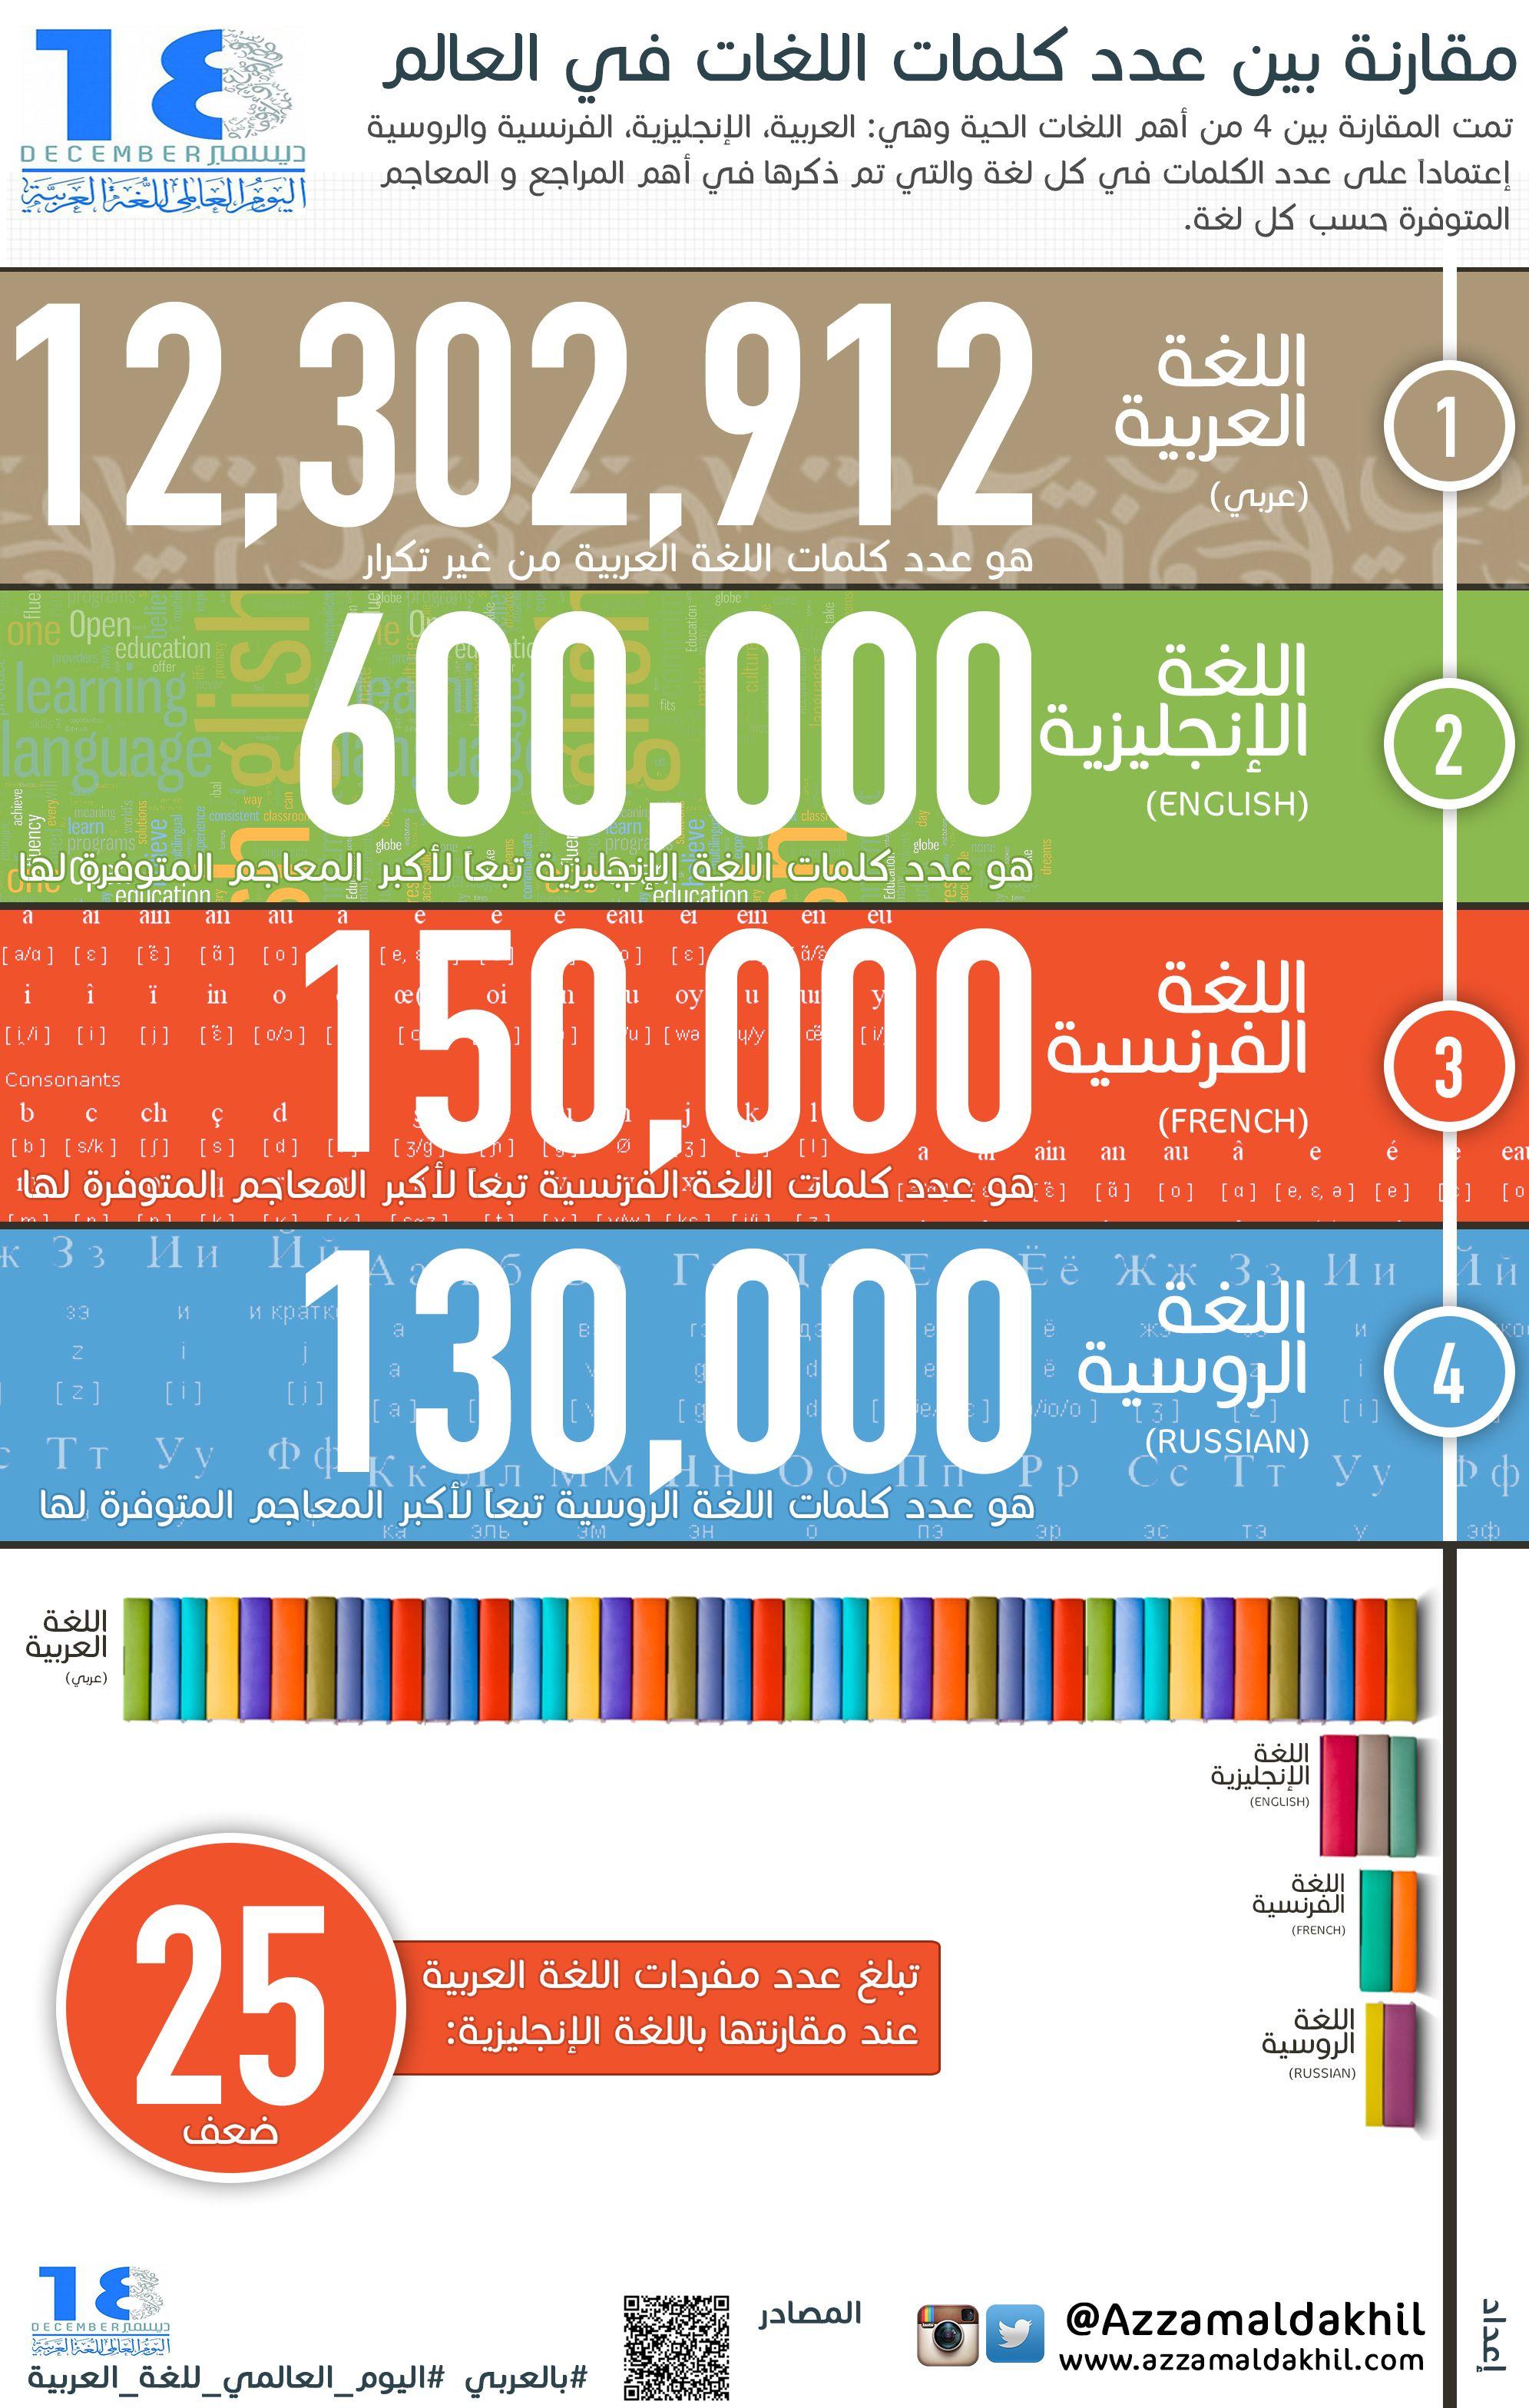 عدد كلامات اللغة العربية مقارنة باللغات الأخرى اليوم العالمي للغة العربية Language Words English Words